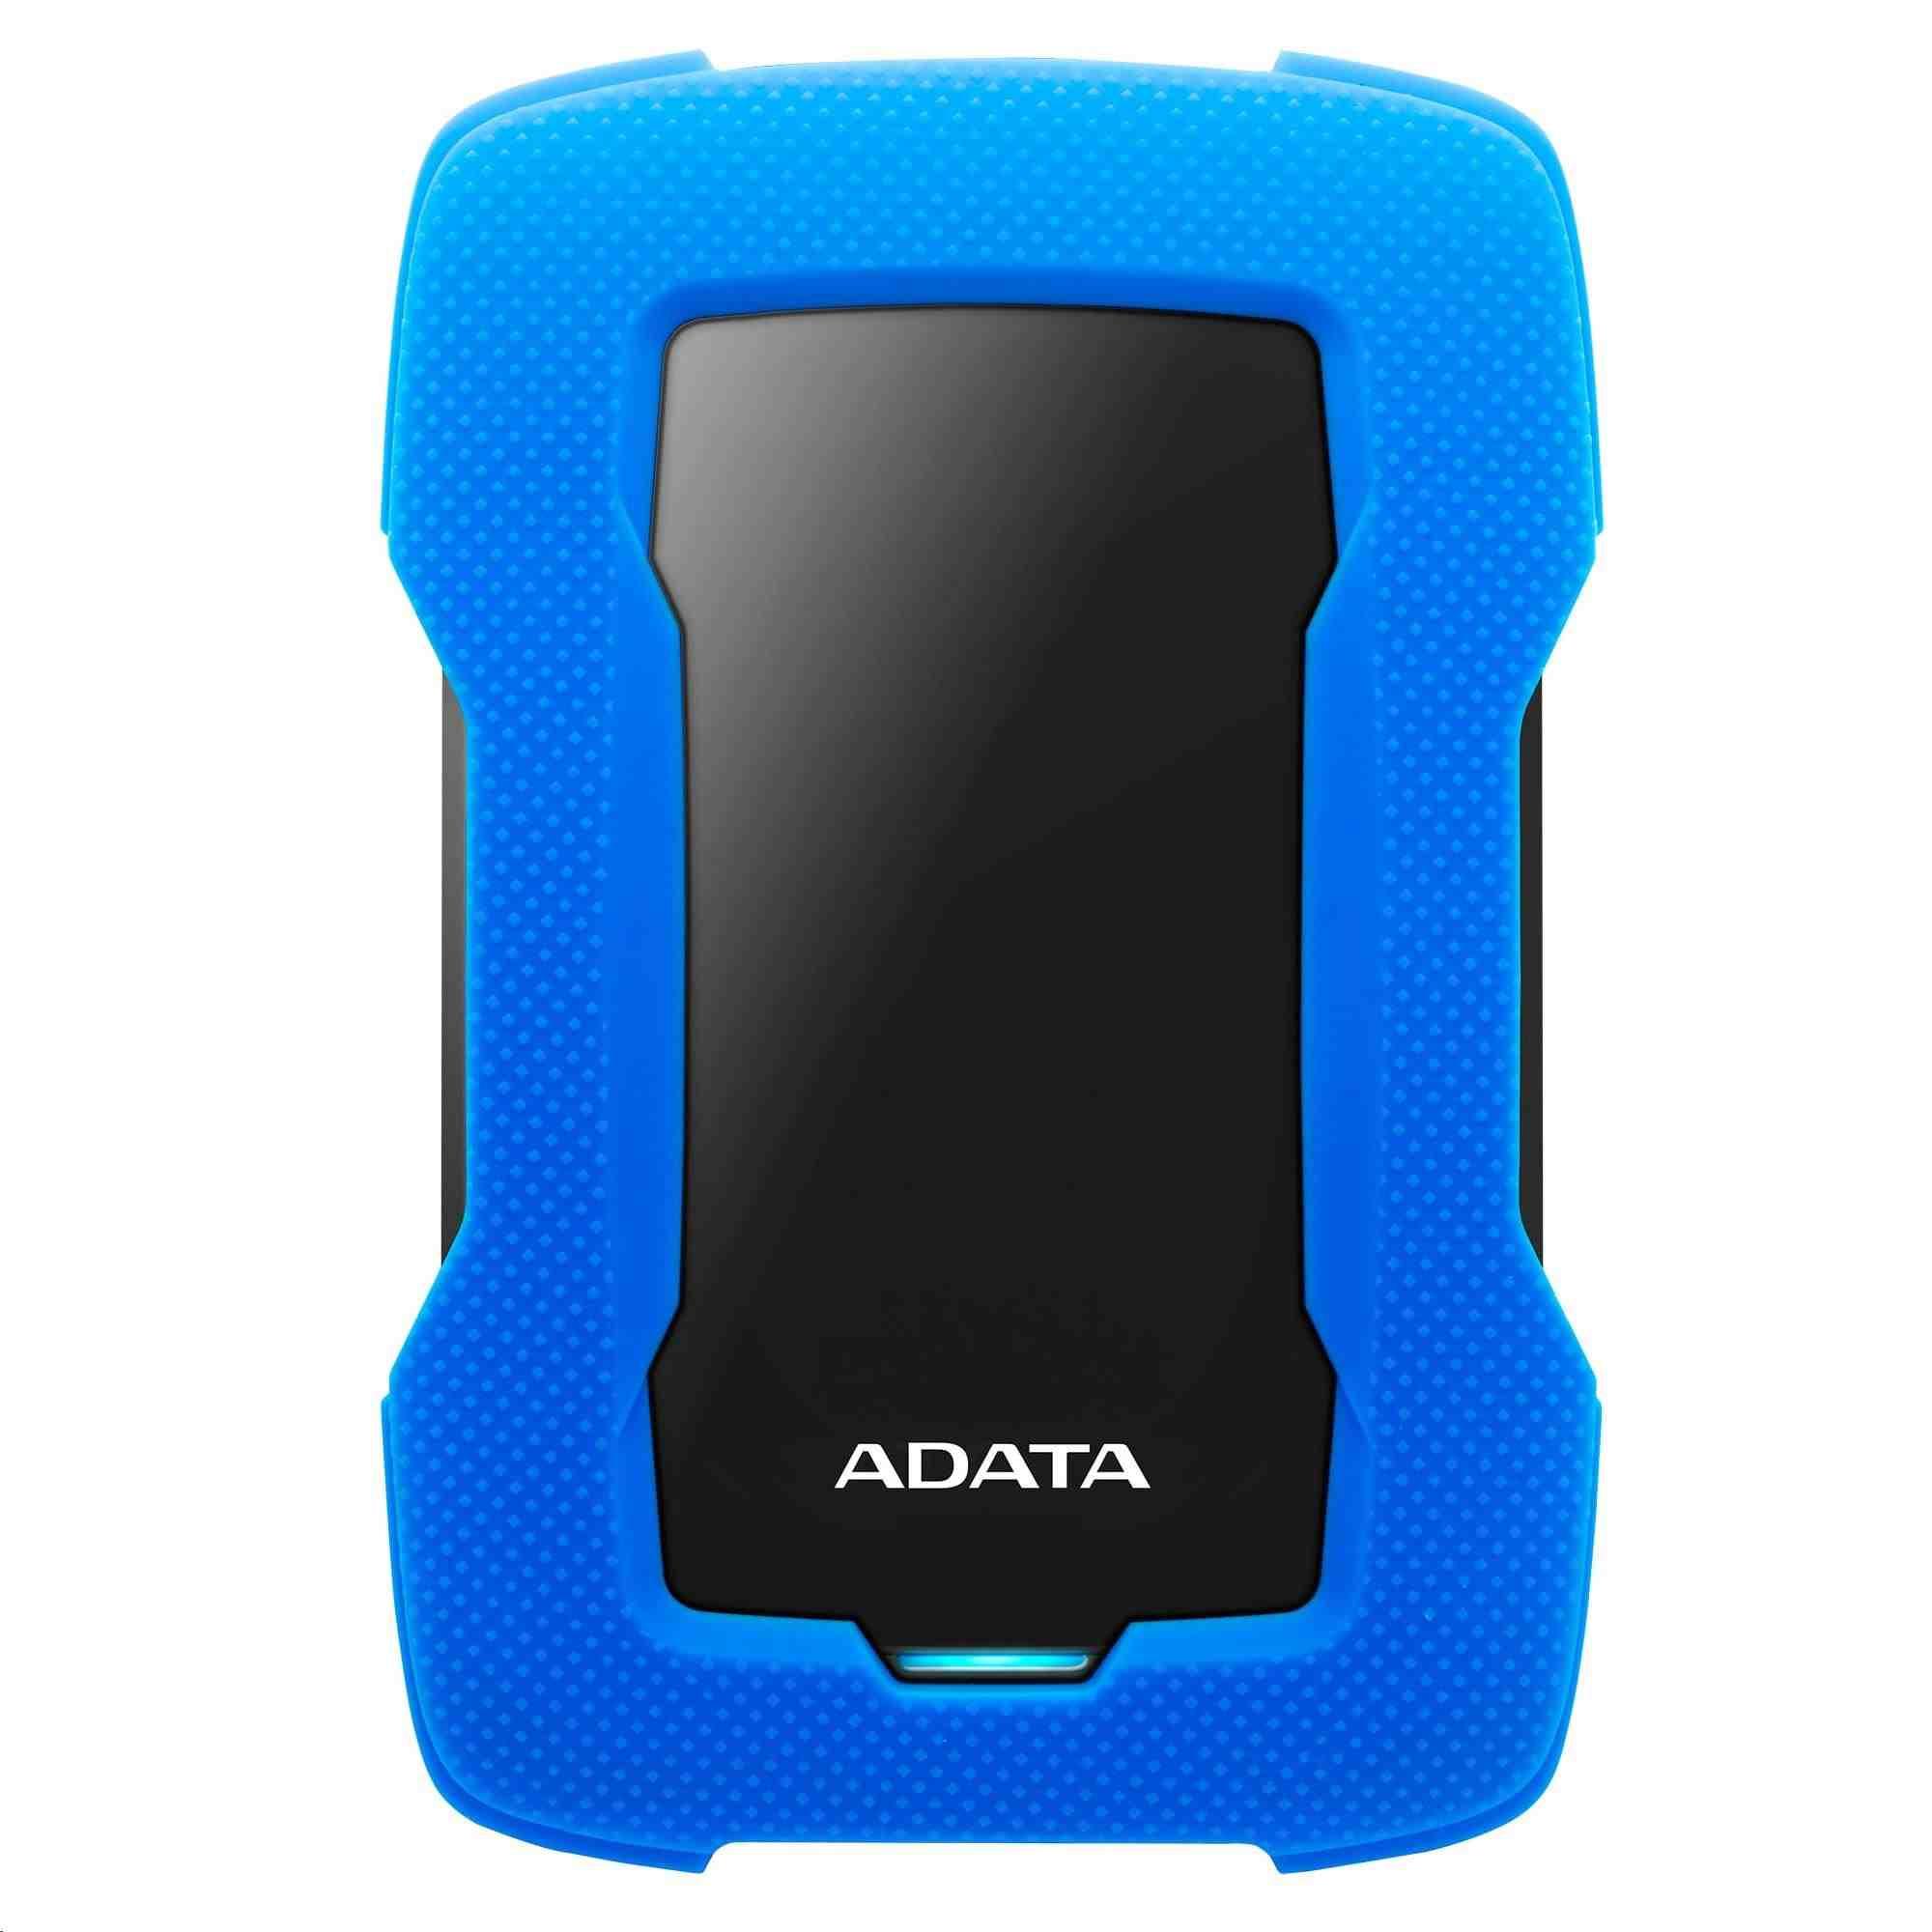 """ADATA Externí HDD 1TB 2,5"""" USB 3.1 HD330, BLUE COLOR BOX, modrý (gumový, nárazu odolný)"""